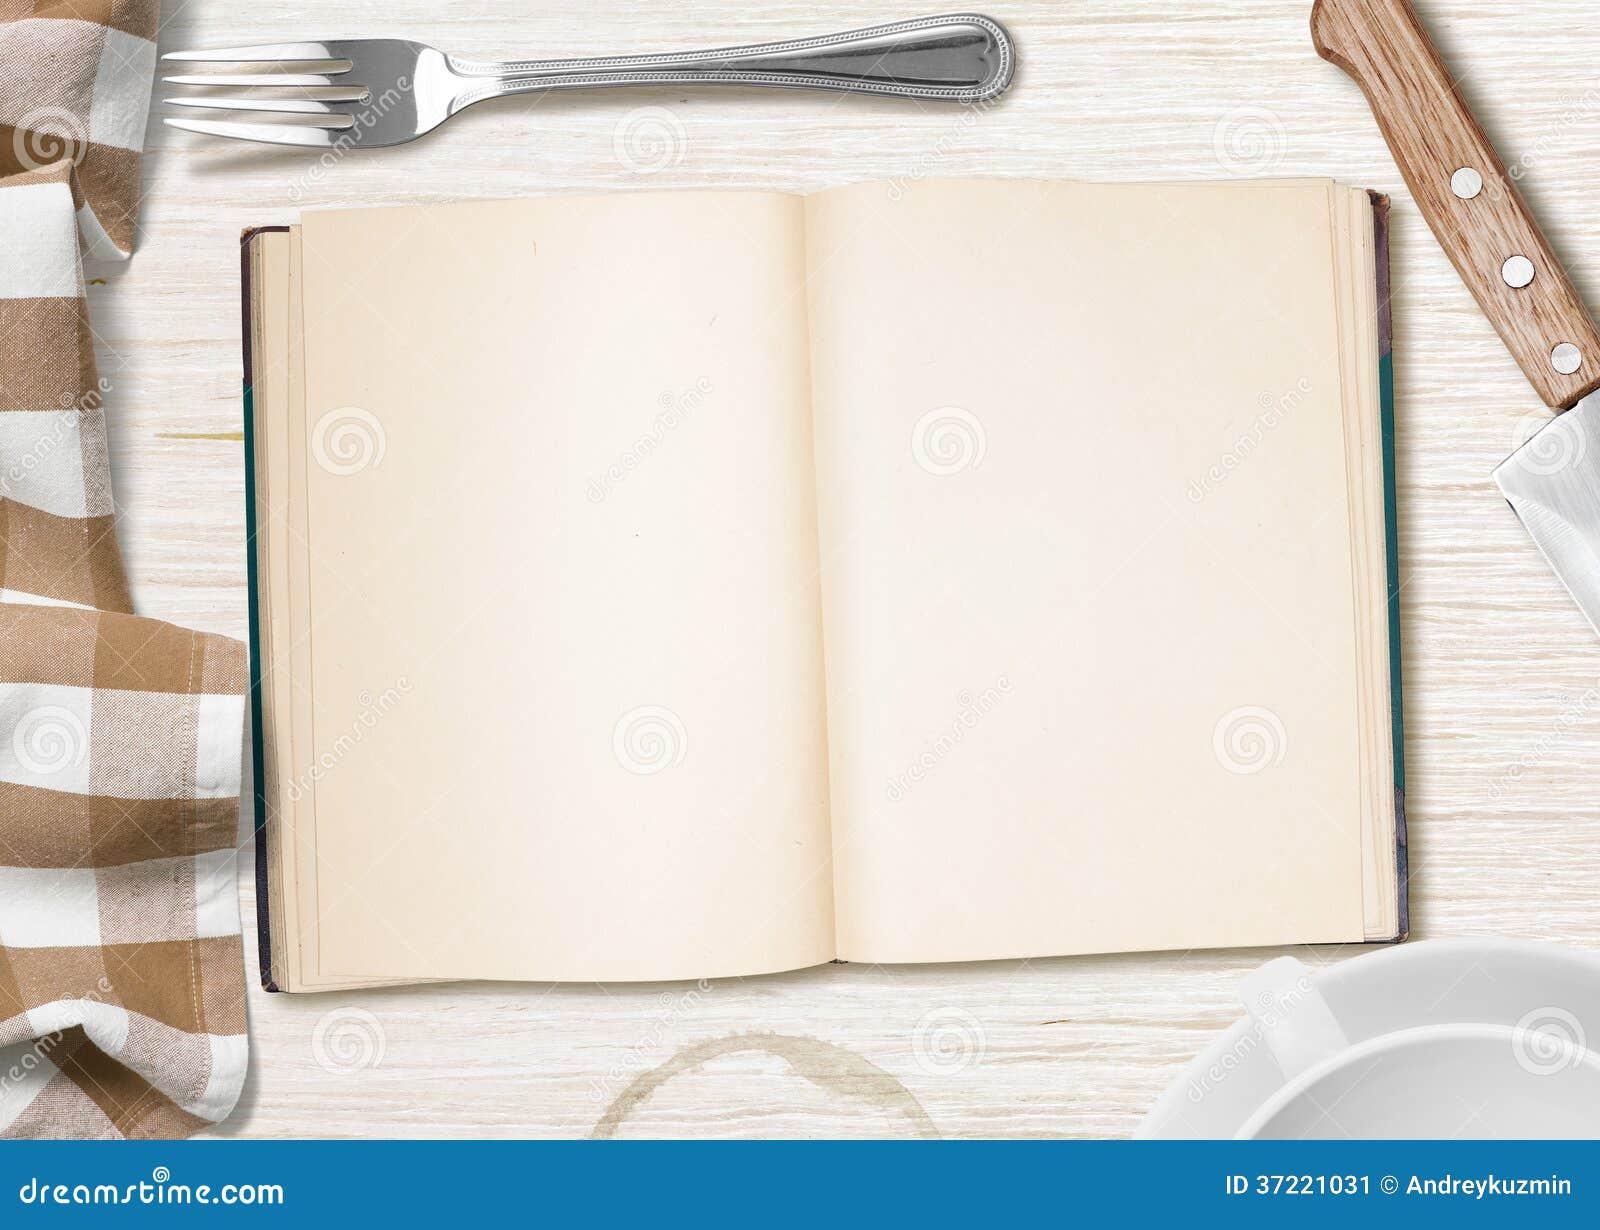 table de cuisine avec le livre ouvert ou cahier pour faire cuire la recette image stock image. Black Bedroom Furniture Sets. Home Design Ideas